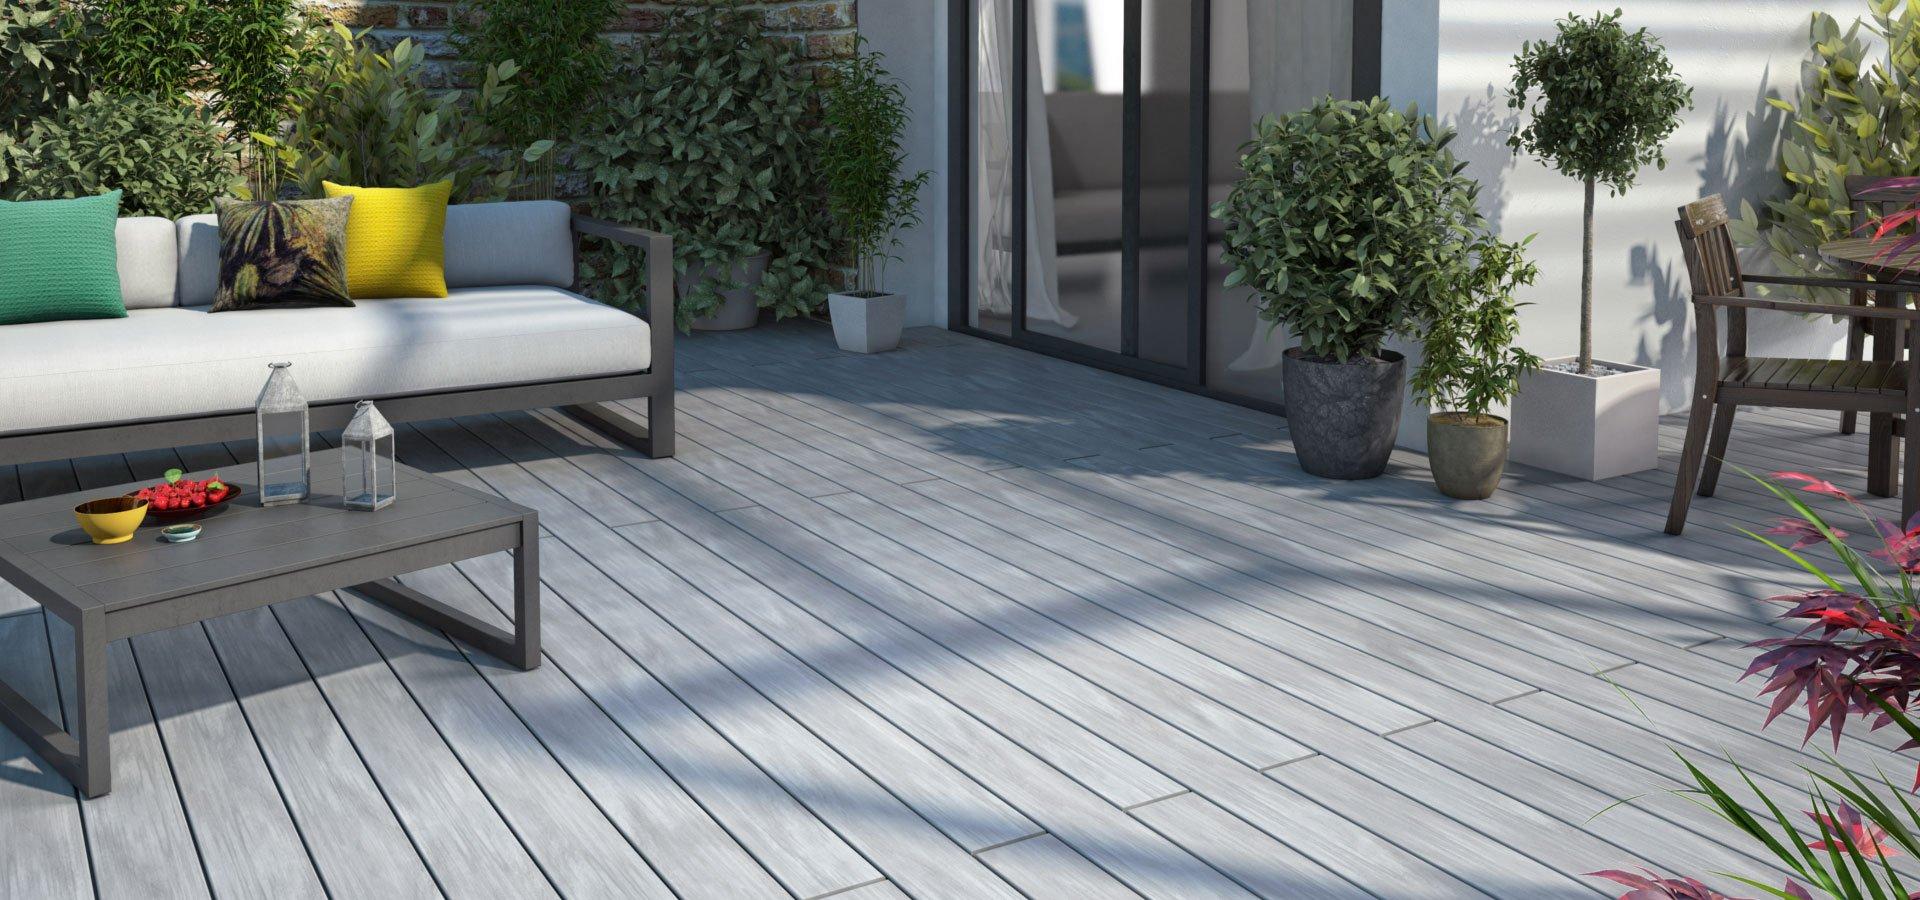 lame en bois composite facile d 39 entretien lame atmosph re bross e silvadec batinfo. Black Bedroom Furniture Sets. Home Design Ideas